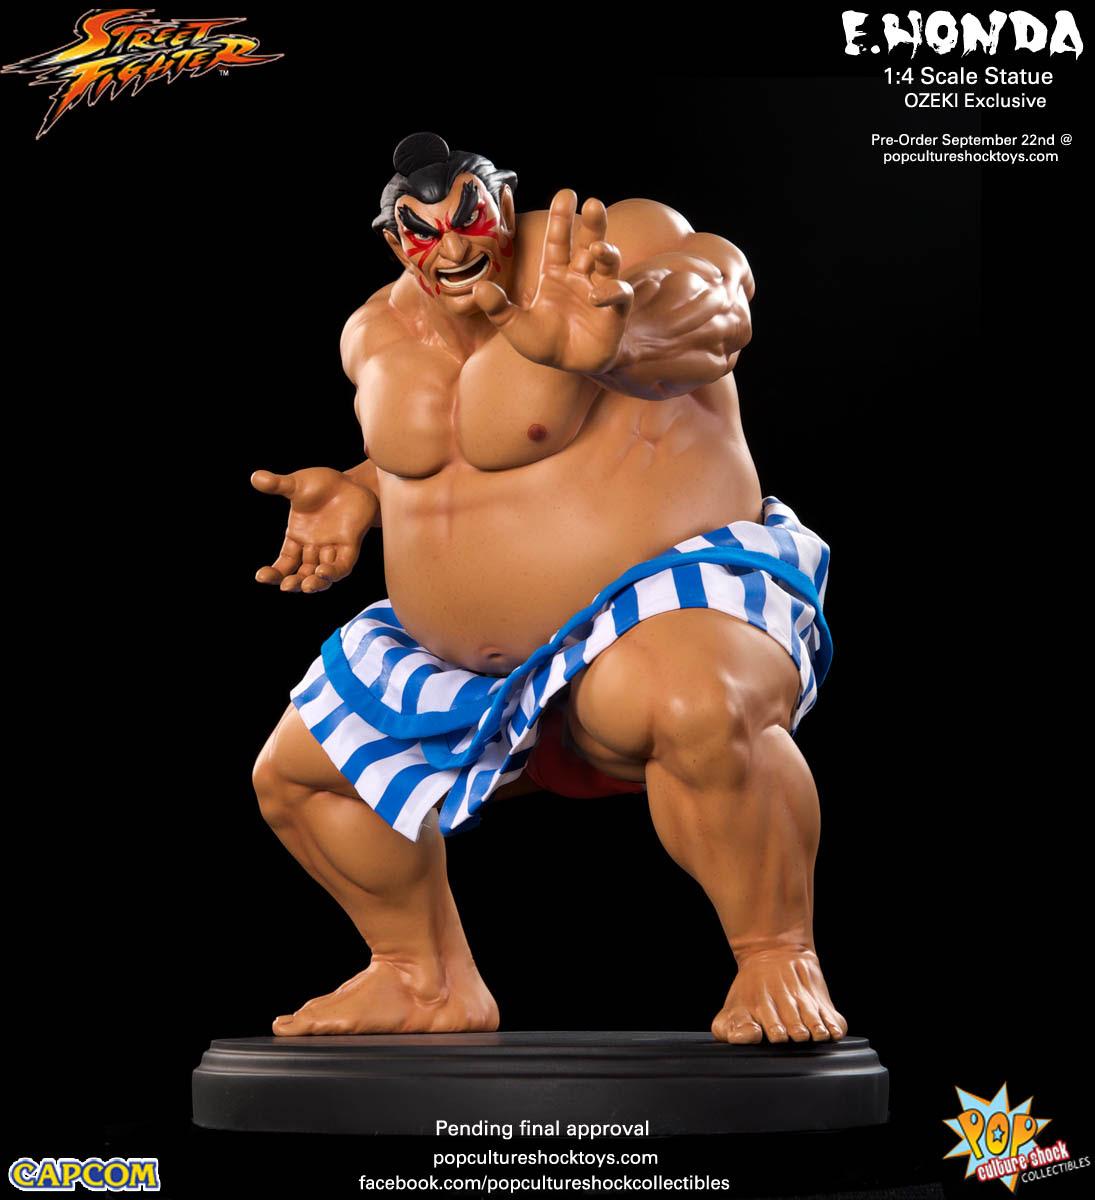 [Pop Culture Shock] Street Fighter: E. Honda 1/4 Statue - Página 3 E3dffa01-67d7-489f-bd9c-2a0779c58981